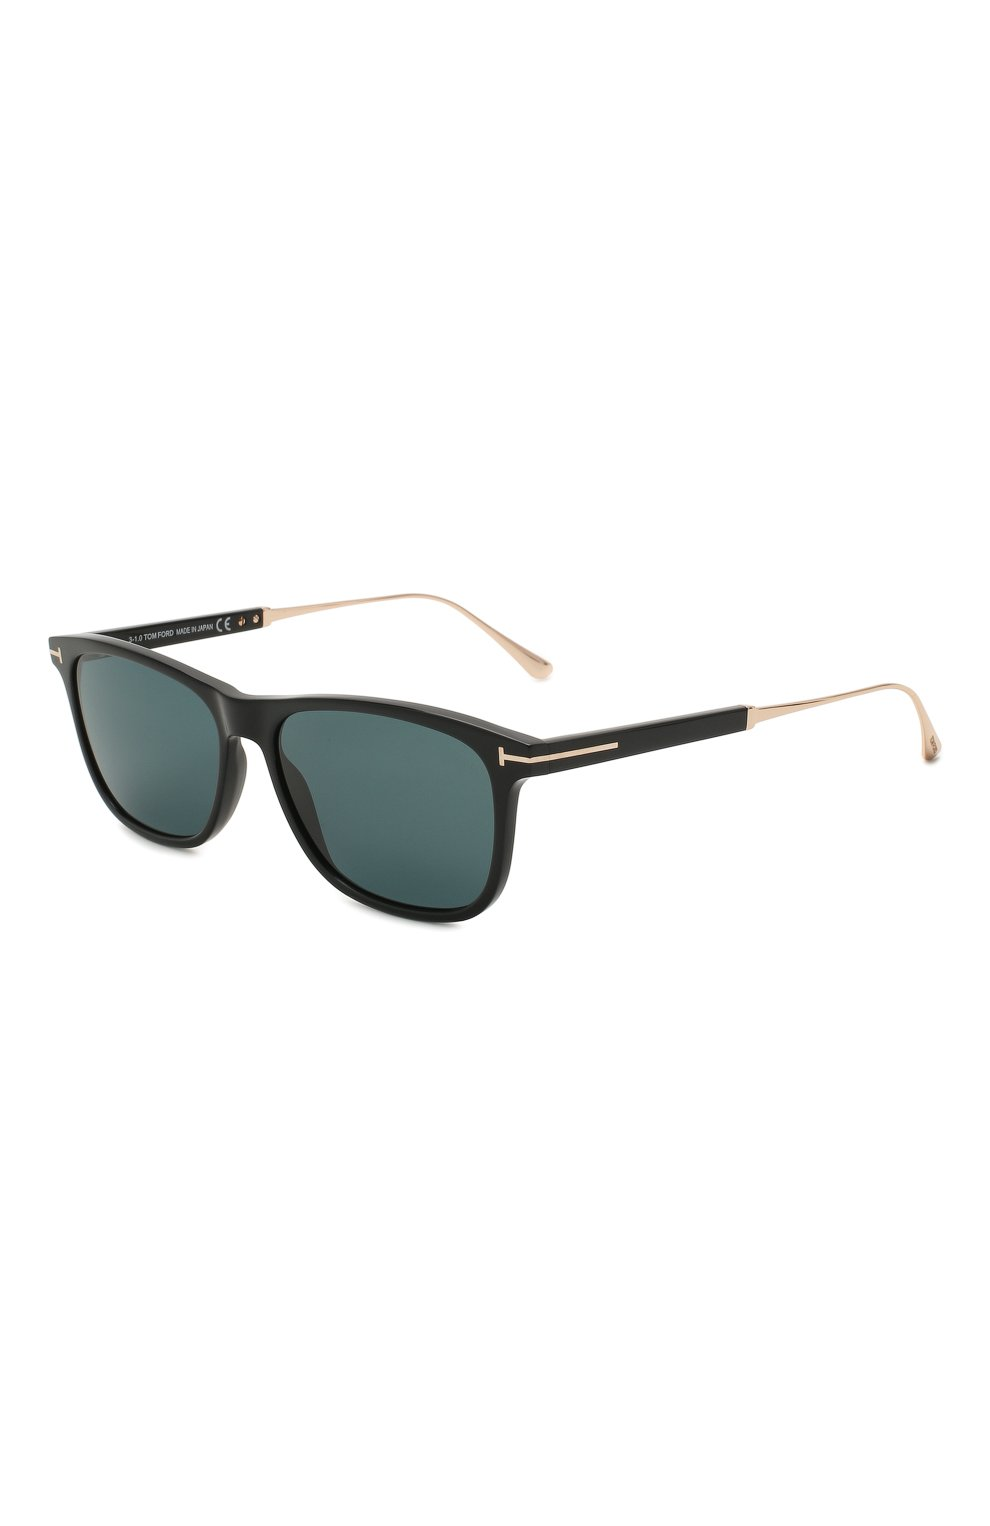 Мужские солнцезащитные очки TOM FORD синего цвета, арт. TF813 01V | Фото 1